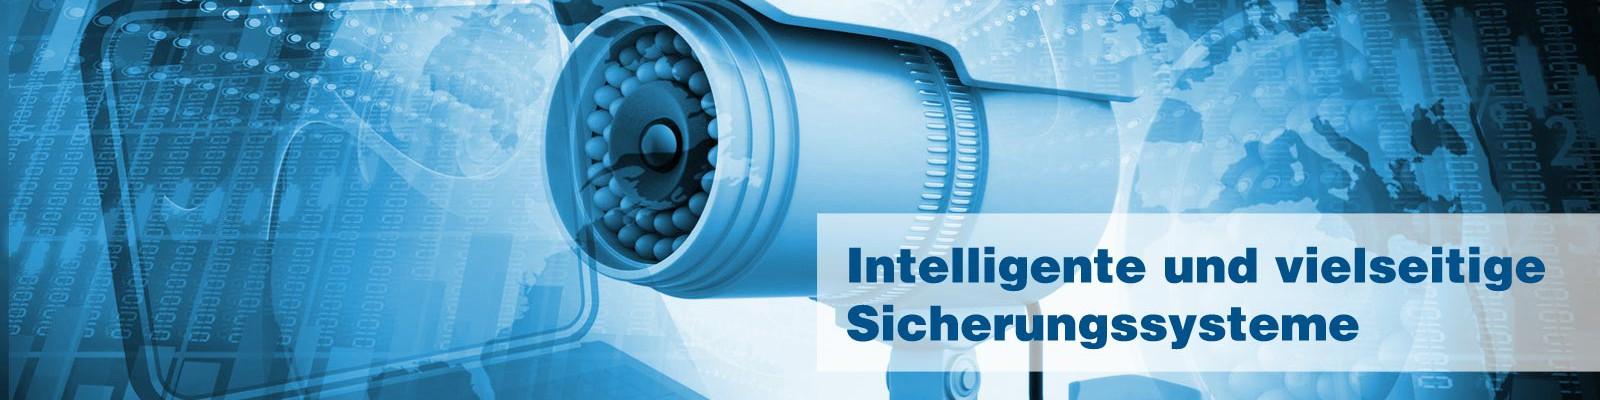 Intelligente und vielseitige Sicherungssysteme